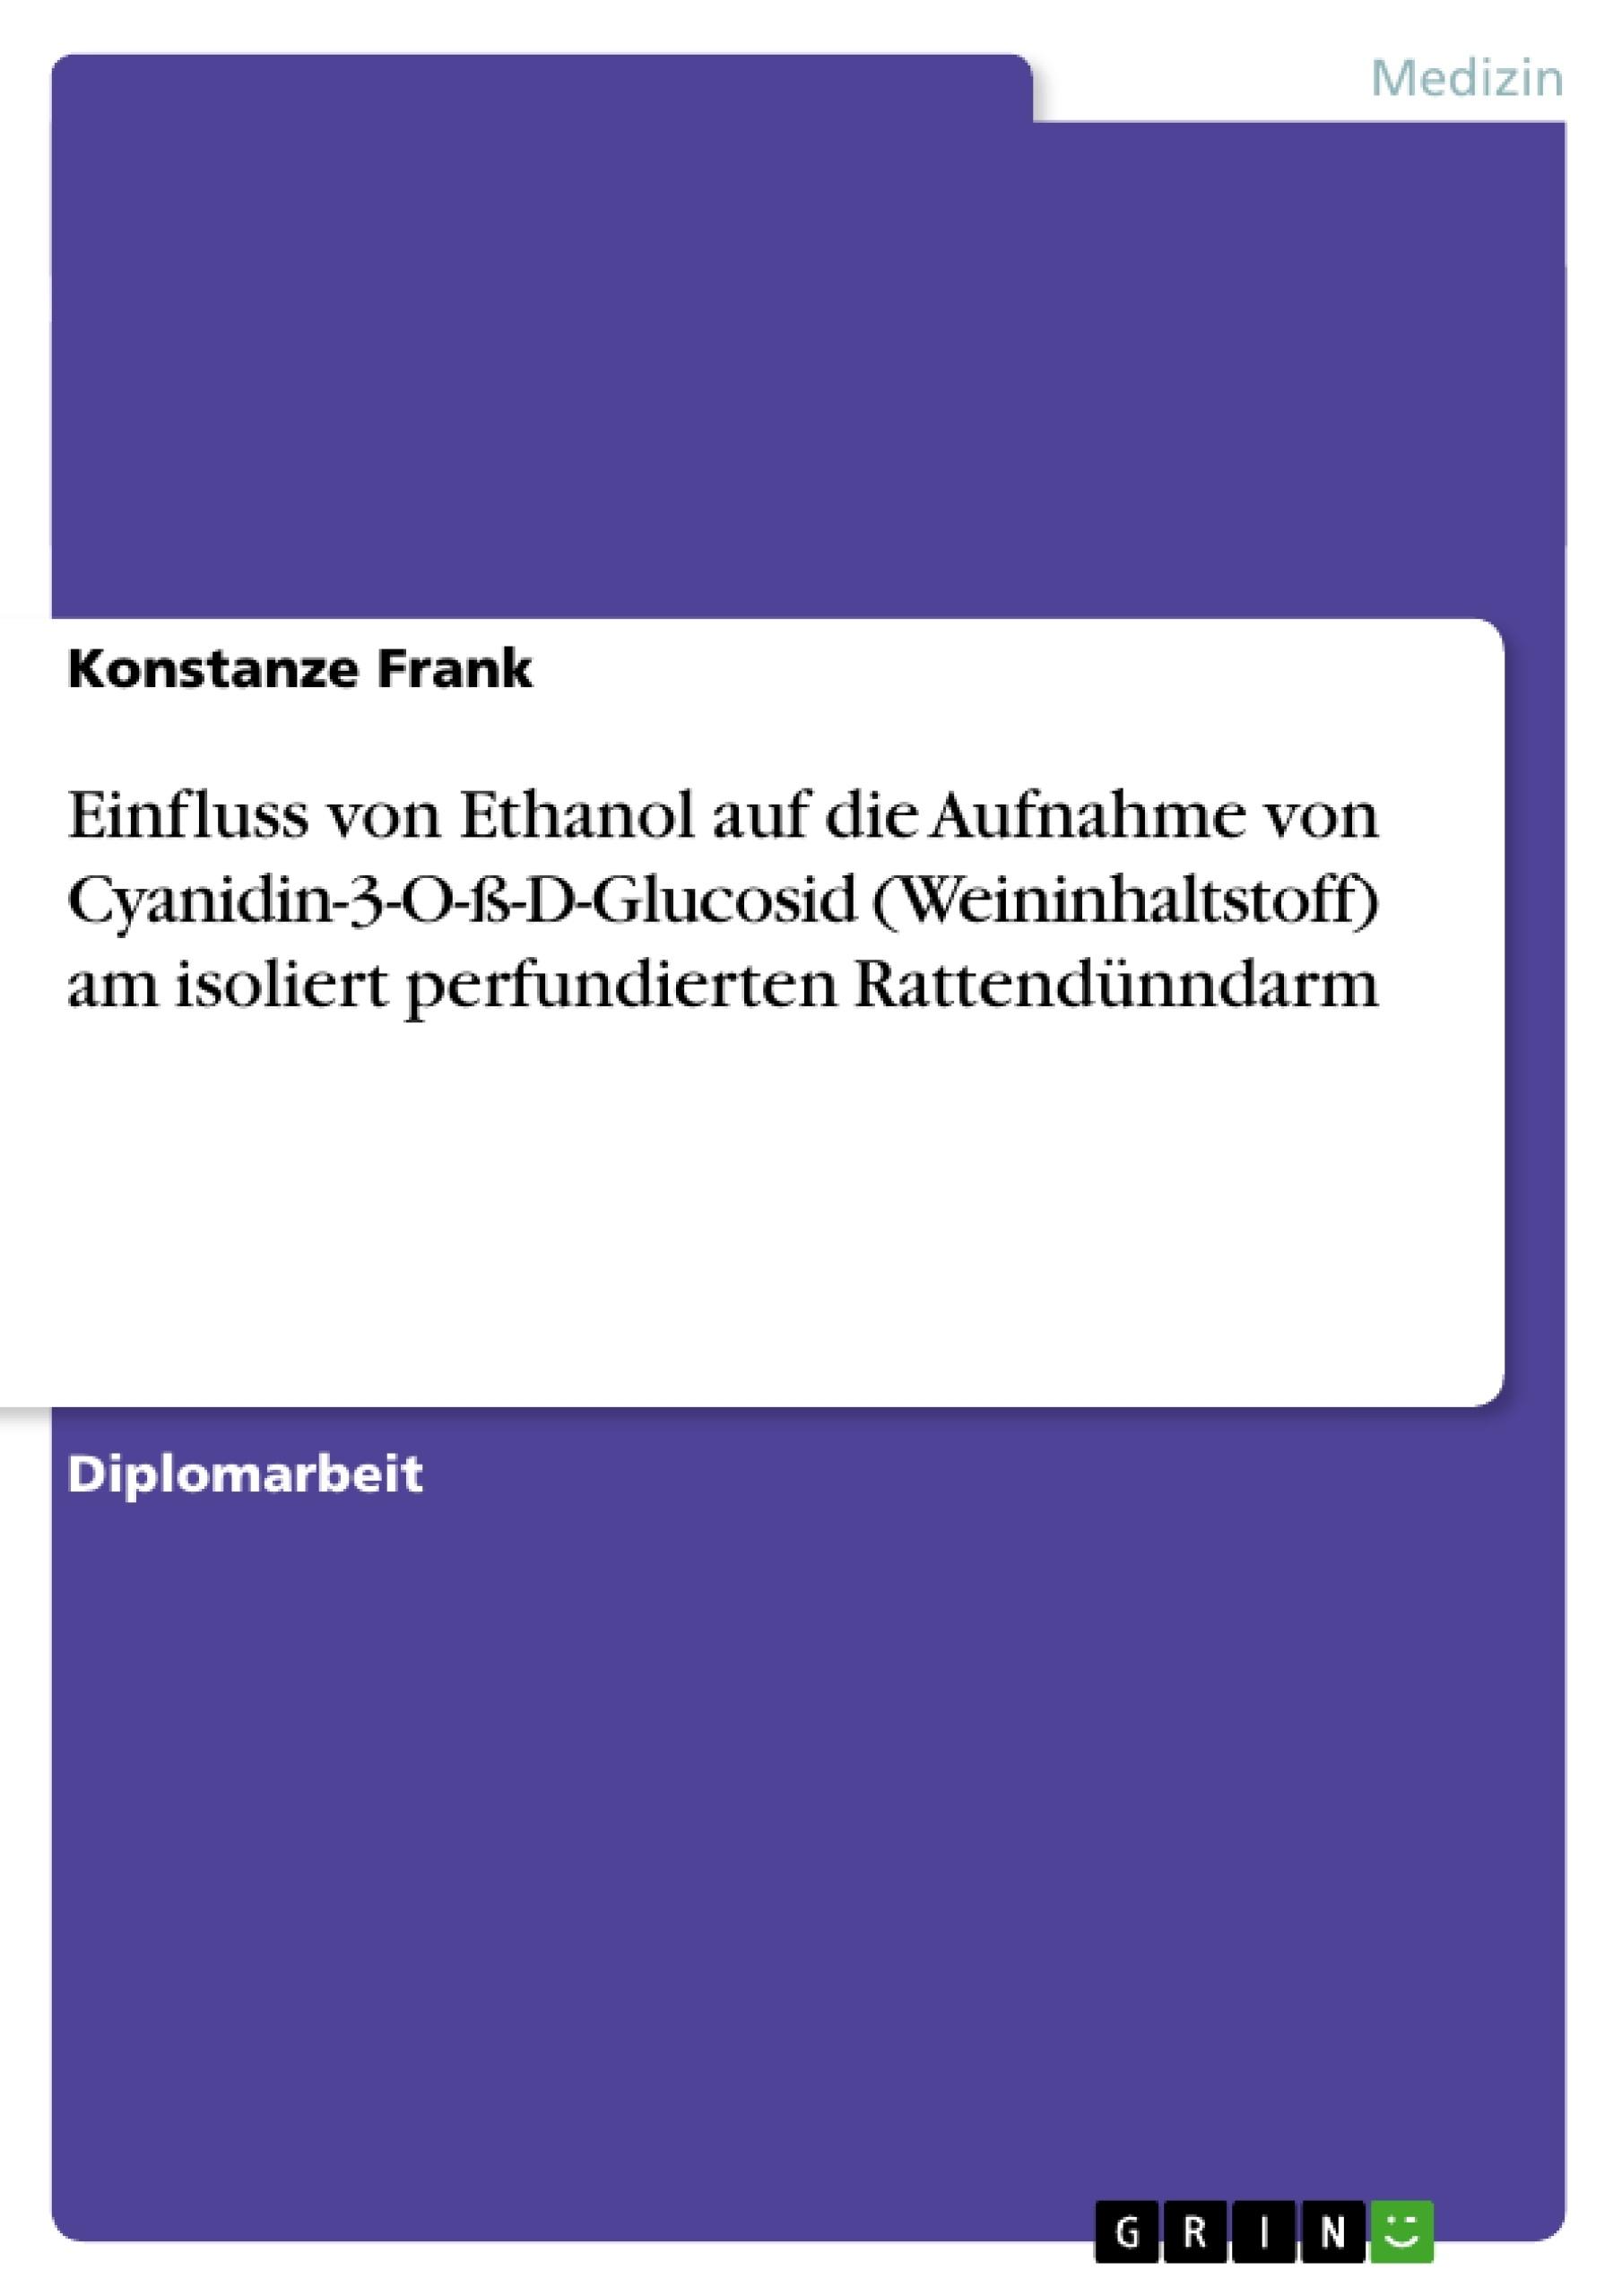 Titel: Einfluss von Ethanol auf die Aufnahme von Cyanidin-3-O-ß-D-Glucosid (Weininhaltstoff) am isoliert perfundierten Rattendünndarm